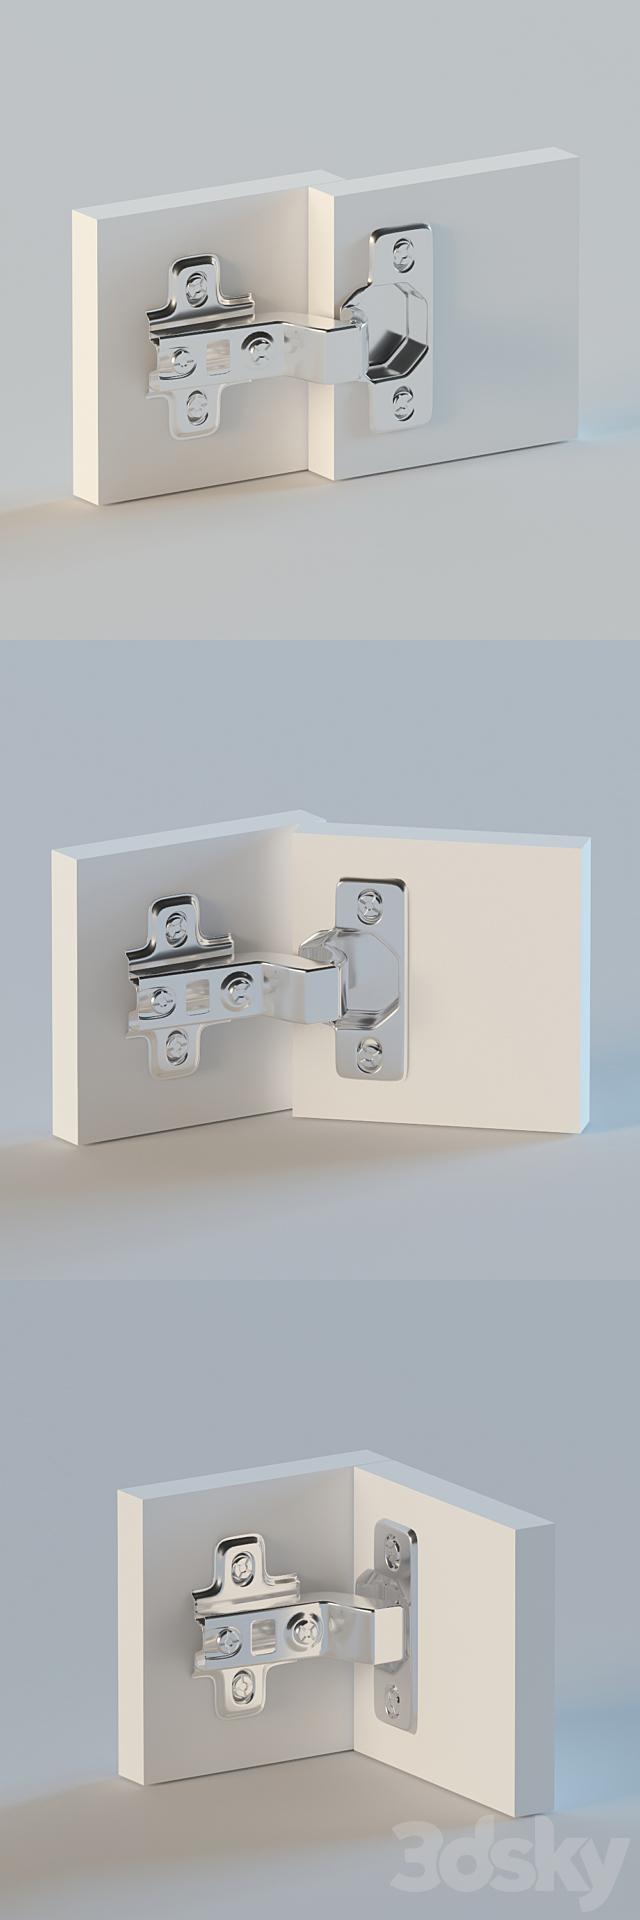 Internal furniture hinge